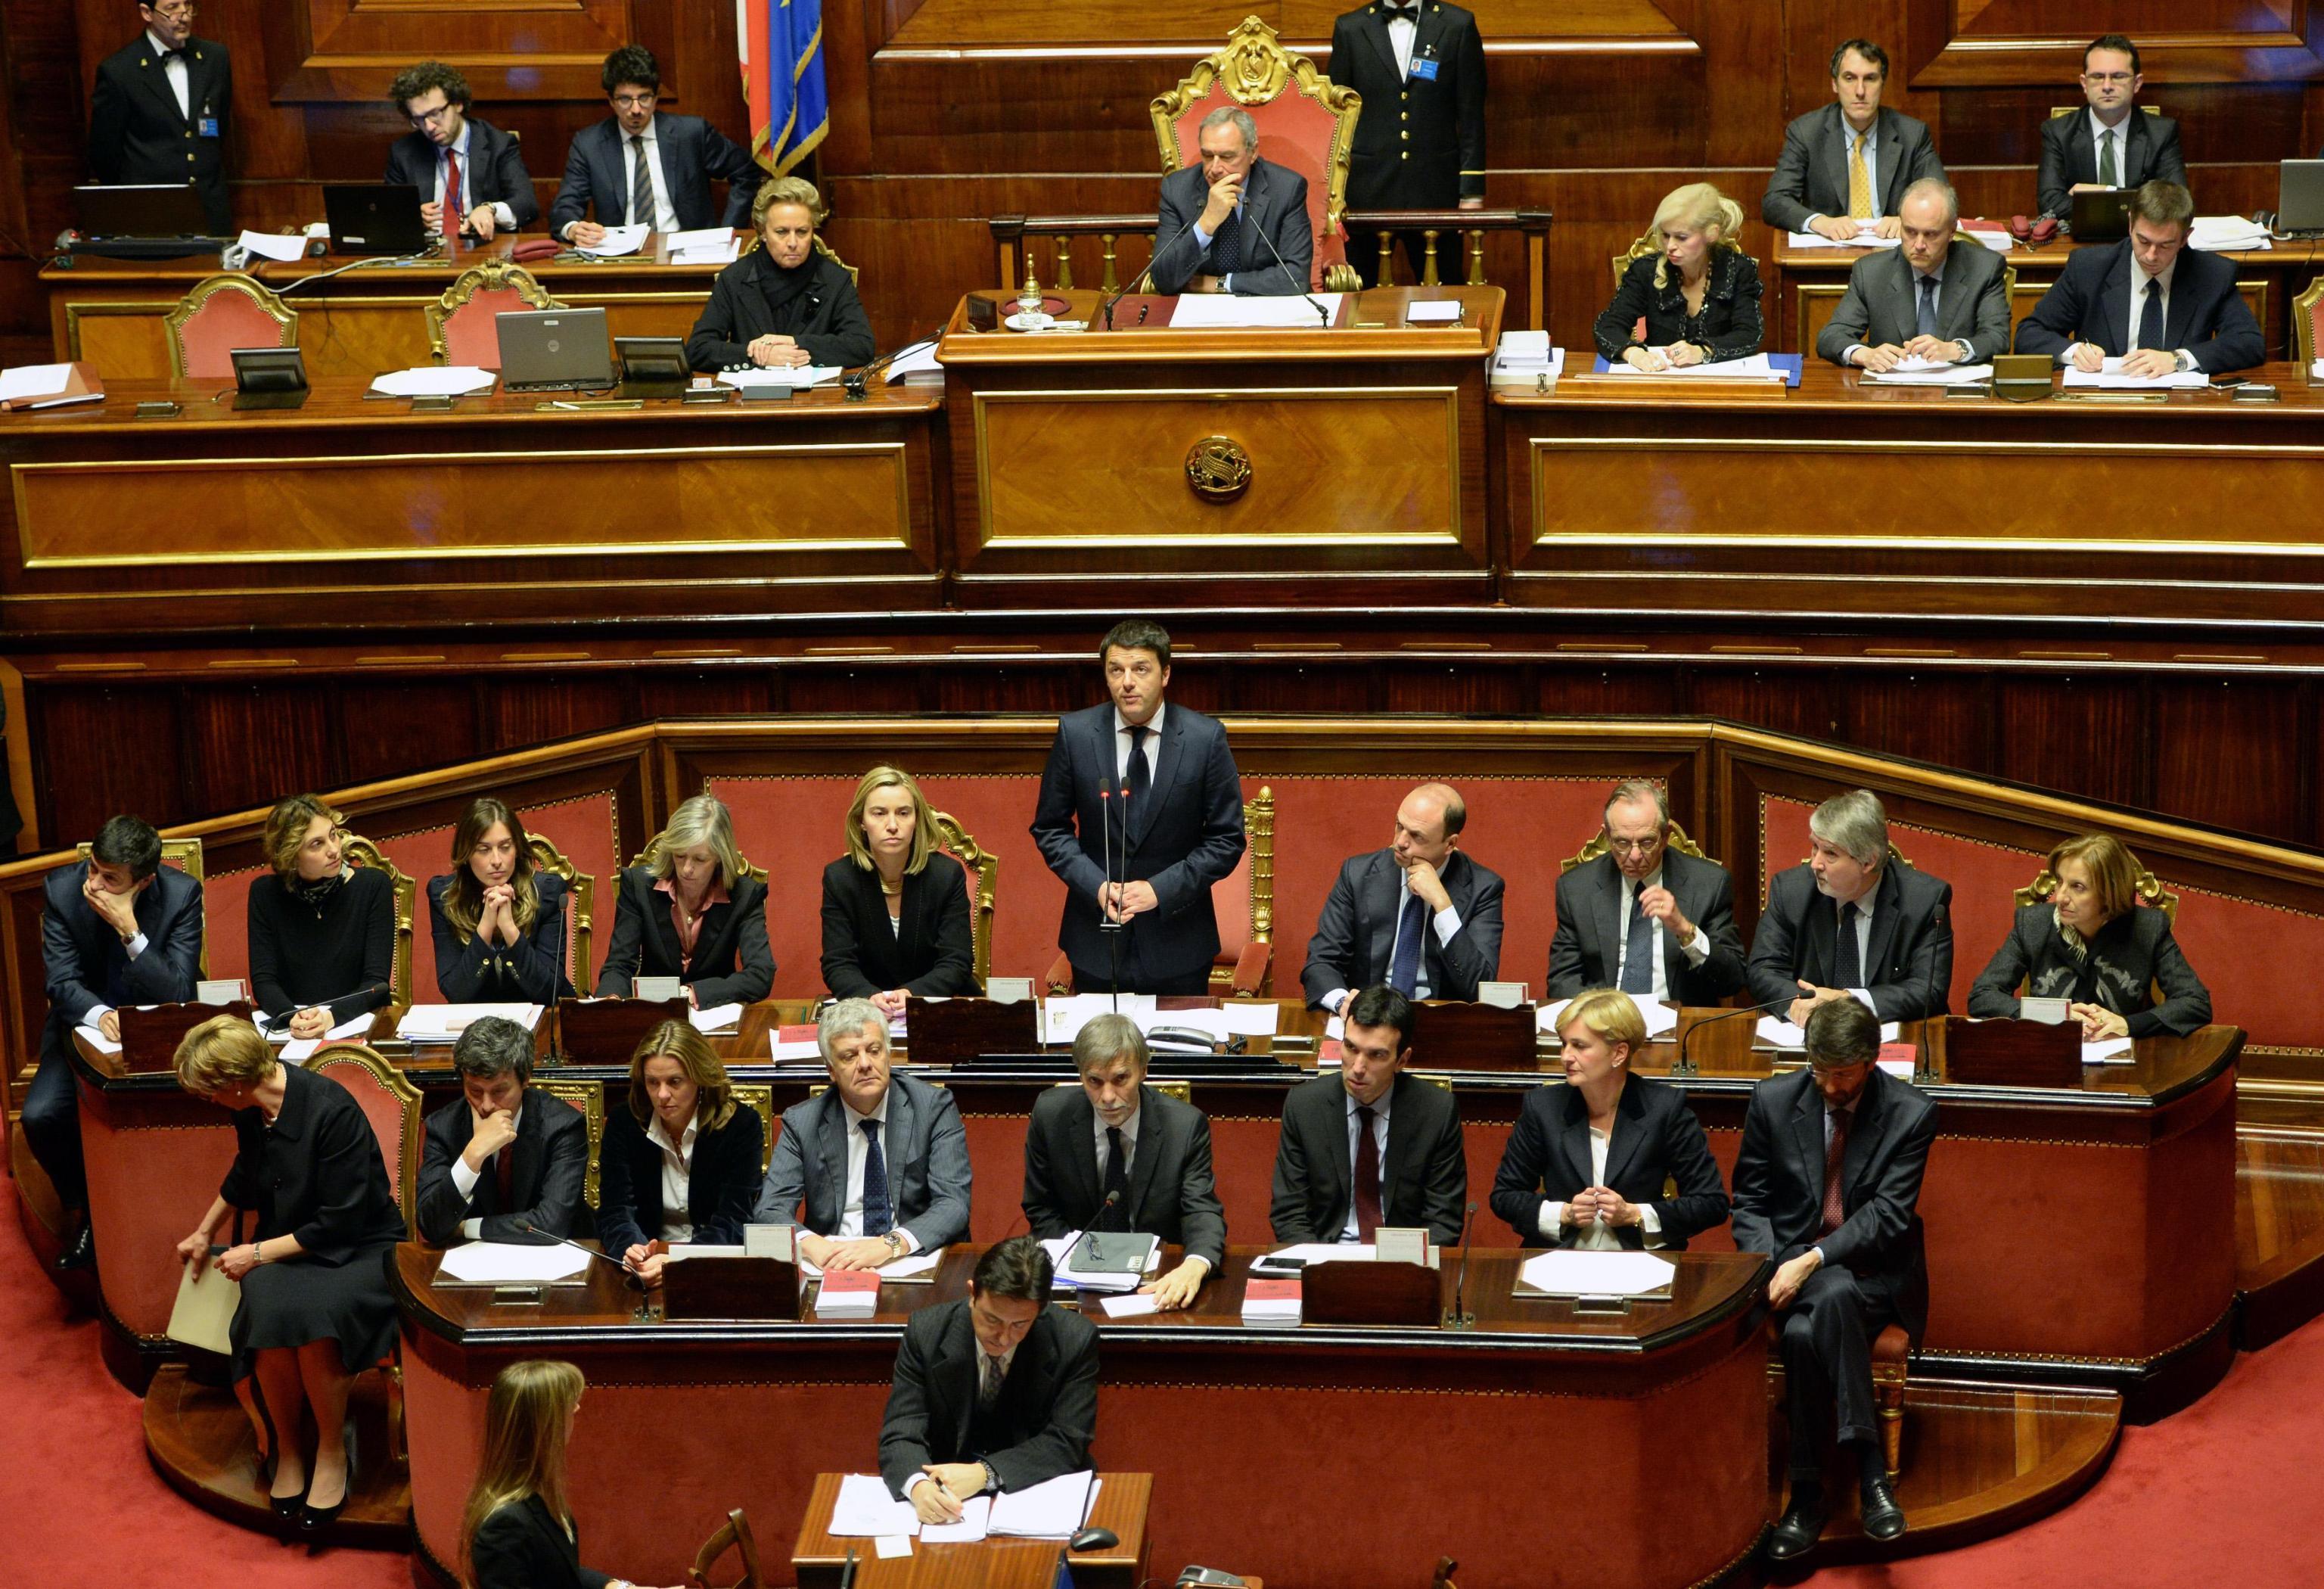 ++ Renzi, no sensazione Italia finita, deciso cambiare ++